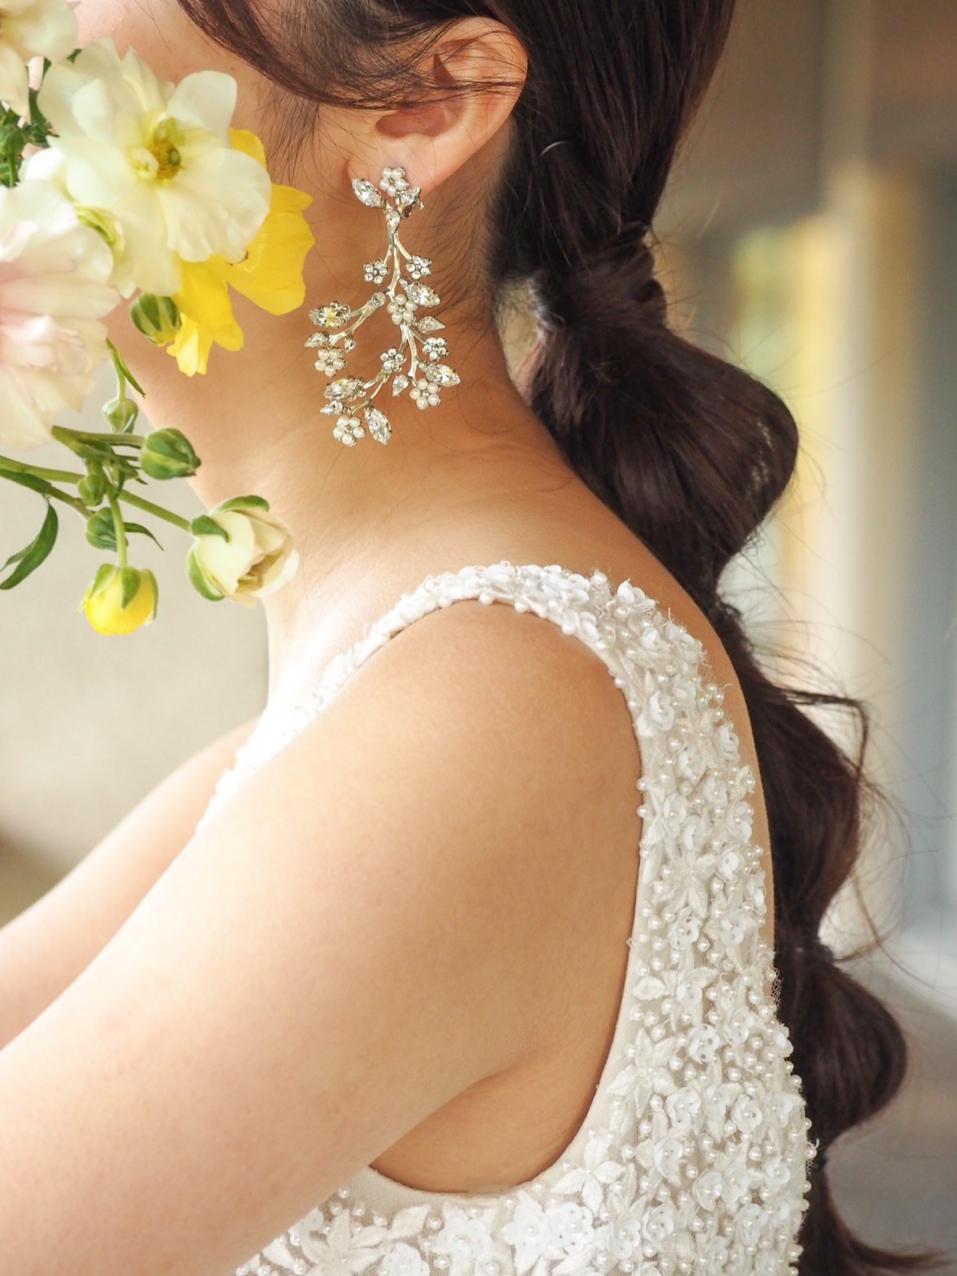 ザトリートドレッシング神戸店にてお取り扱いのあるリームアクラのフラワービジューが幻想的なウェディングドレスとリーフモチーフのイヤリングのコーディネート